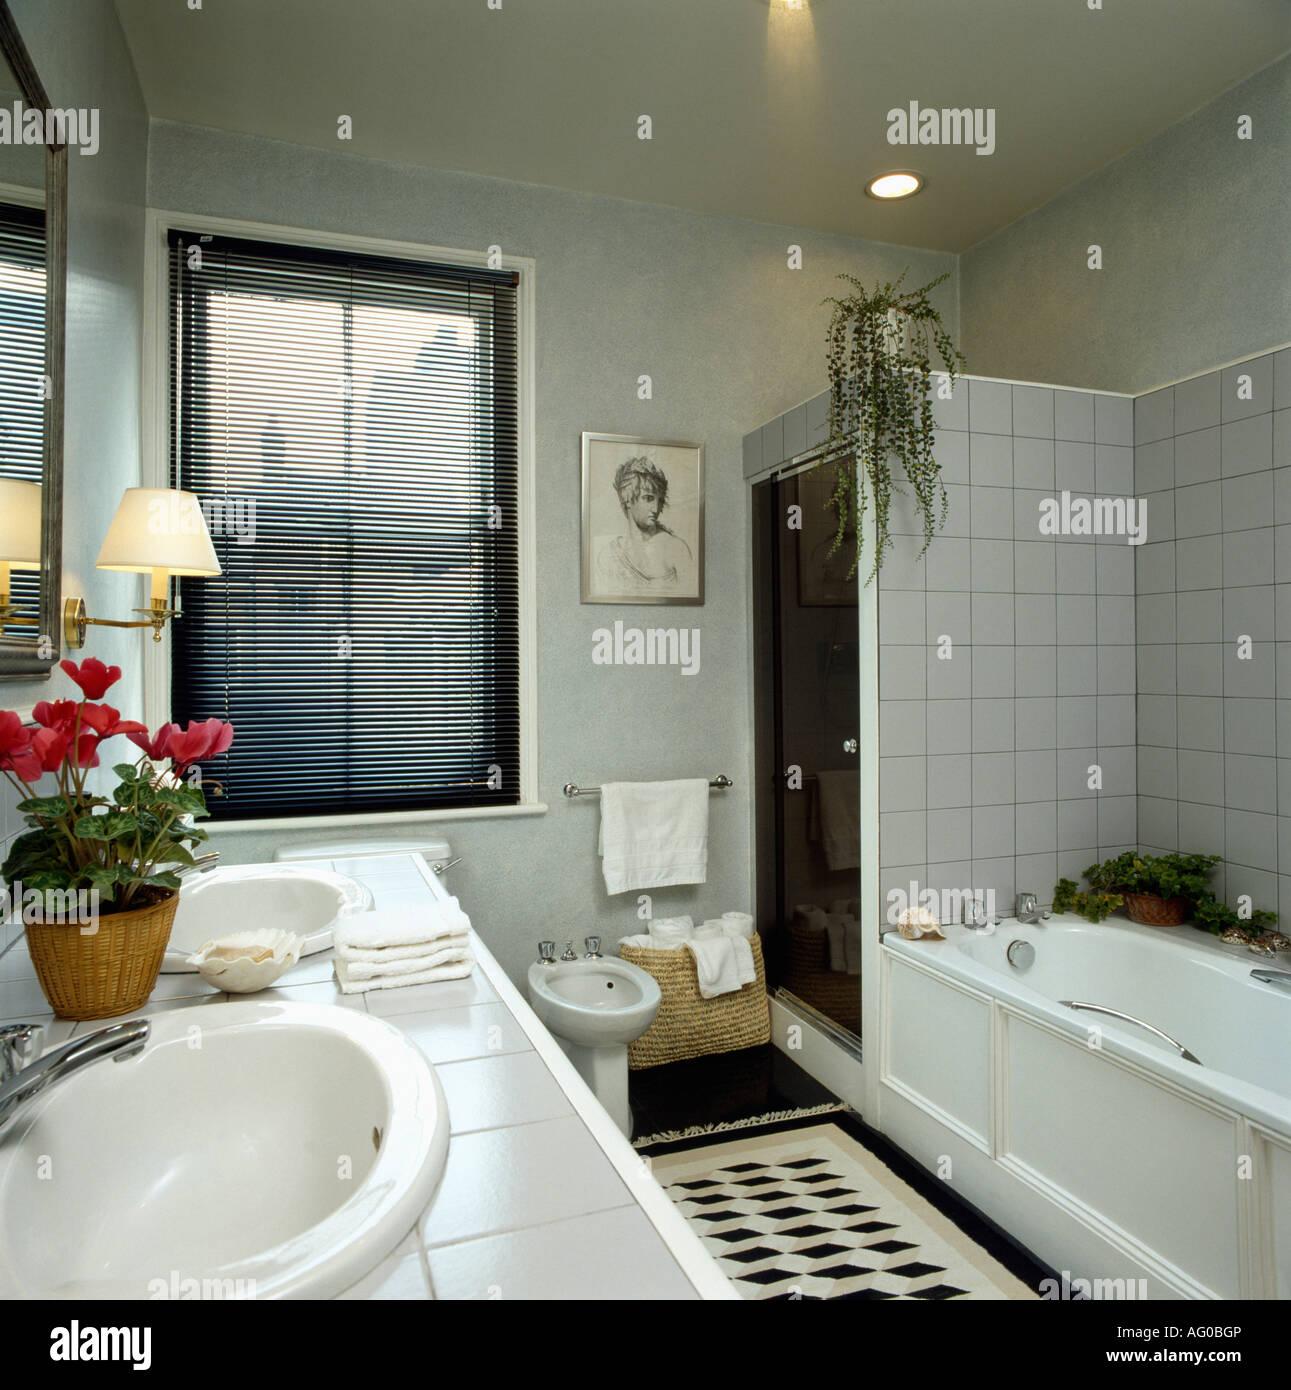 Fantastisch Bett Bad Und Darüber Hinaus Küche Teppiche Bilder ...